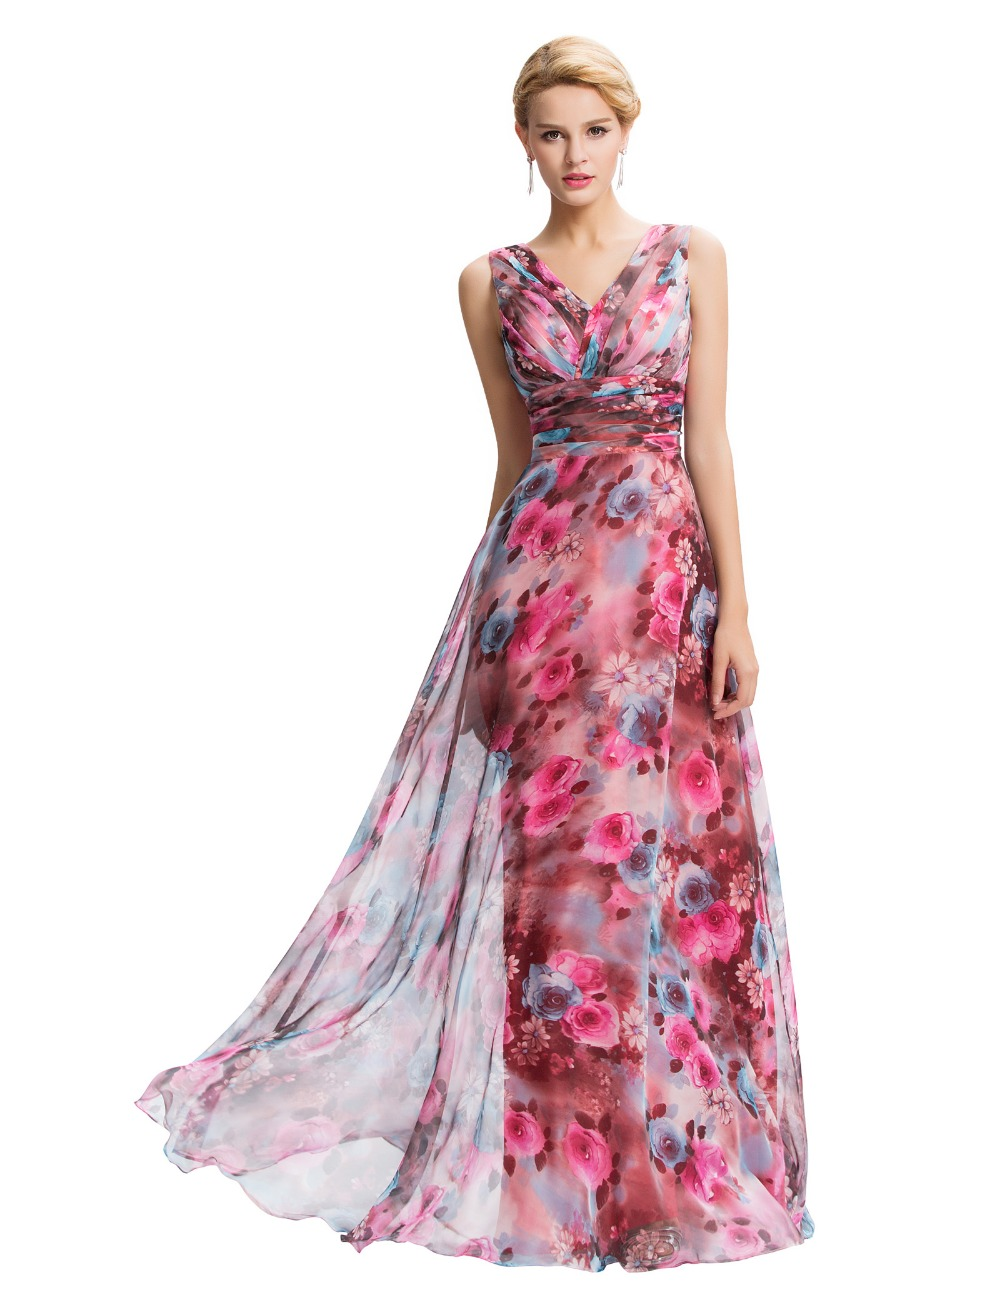 86f0d36949 Chino estampado de flores de noche vestidos largo Vestido Formal Sexy Two  hombro gasa estampado de flores Vestido de fiesta Vestido de Festa Longo en  ...